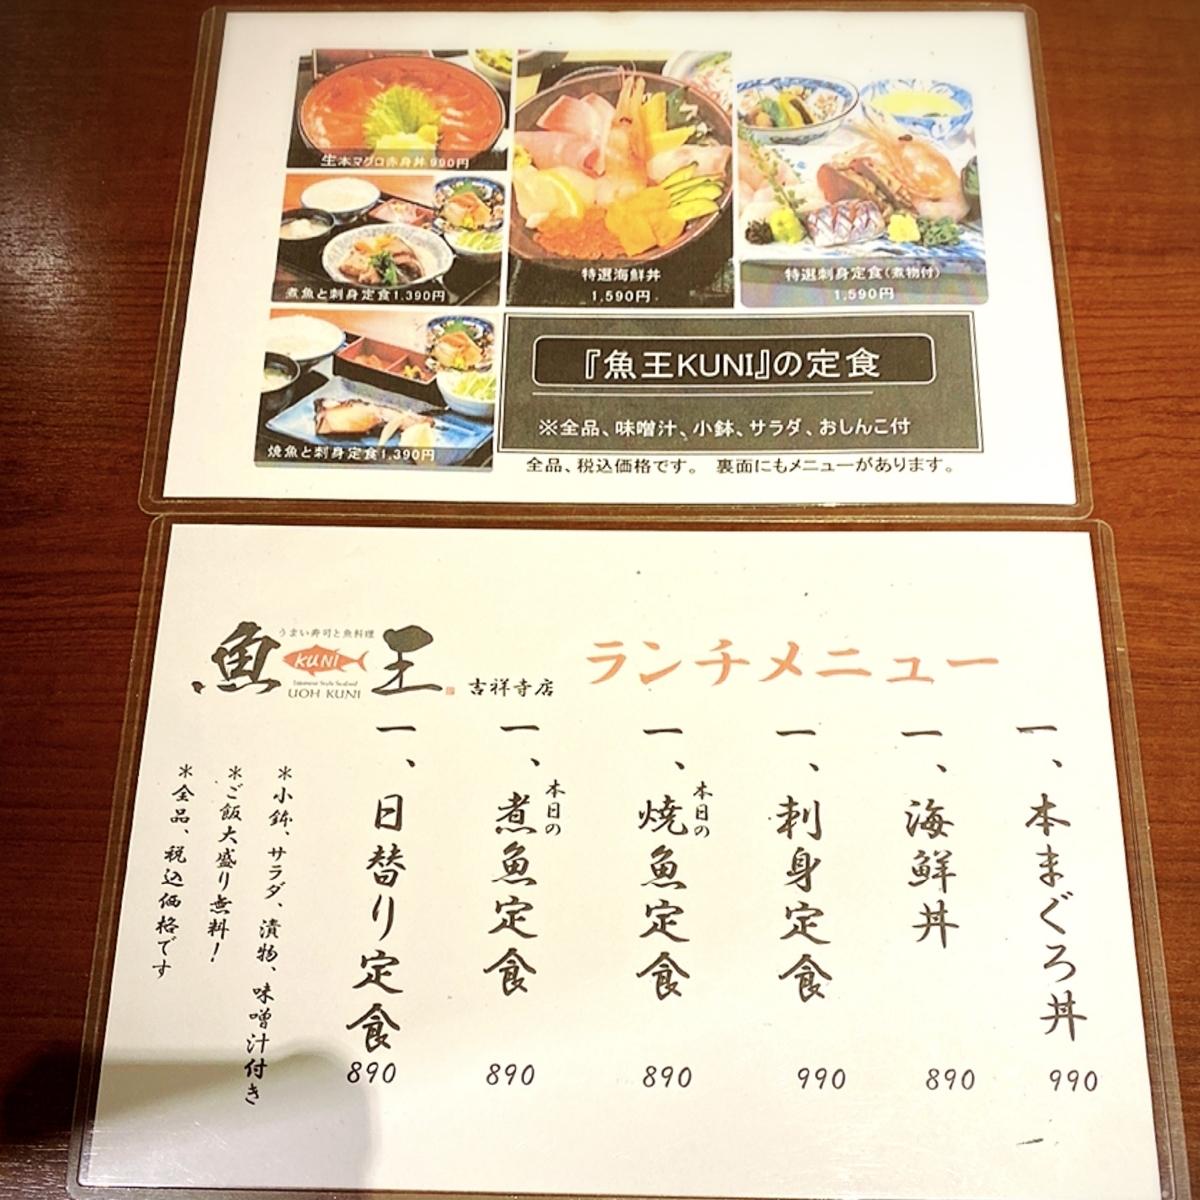 「魚王KUNI 吉祥寺」のメニューと値段2